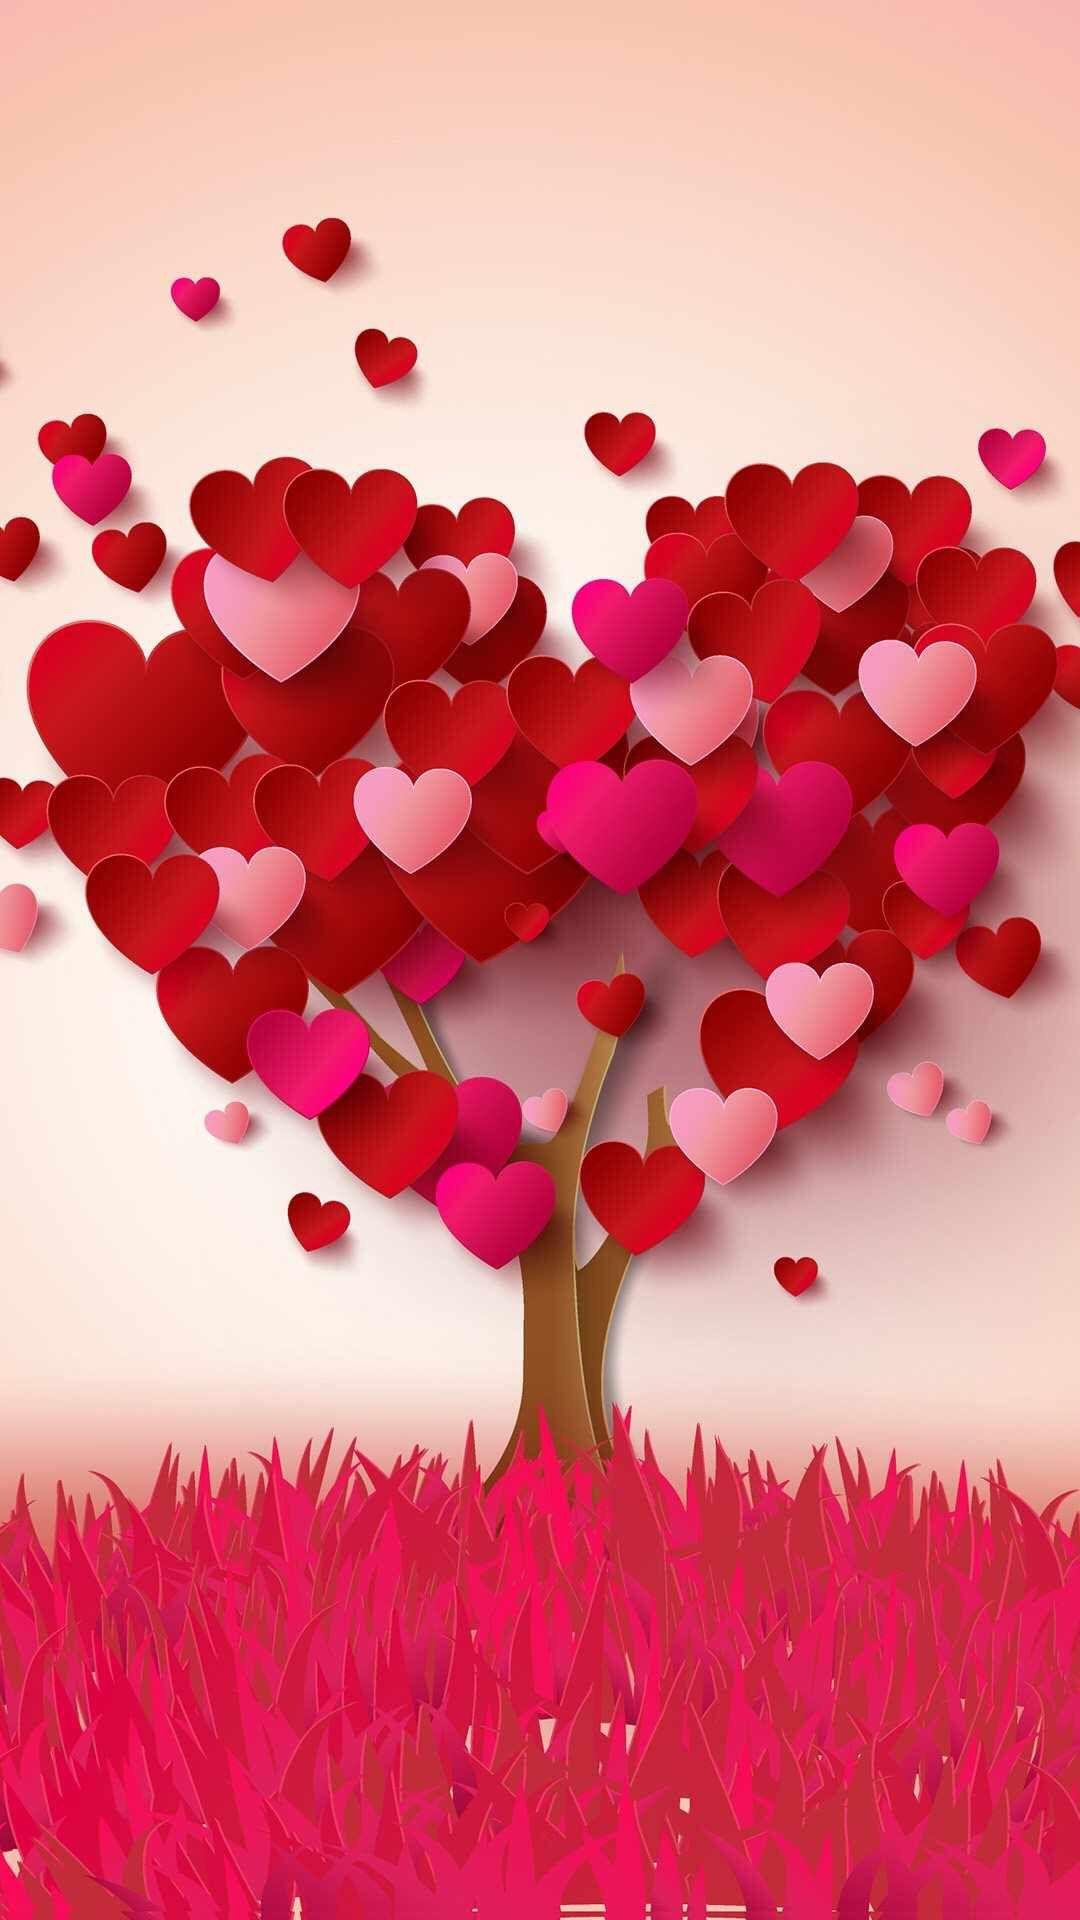 Pin By Payiz Qoxulum On Hearts Heart Tree Happy Heart Happy Valentine